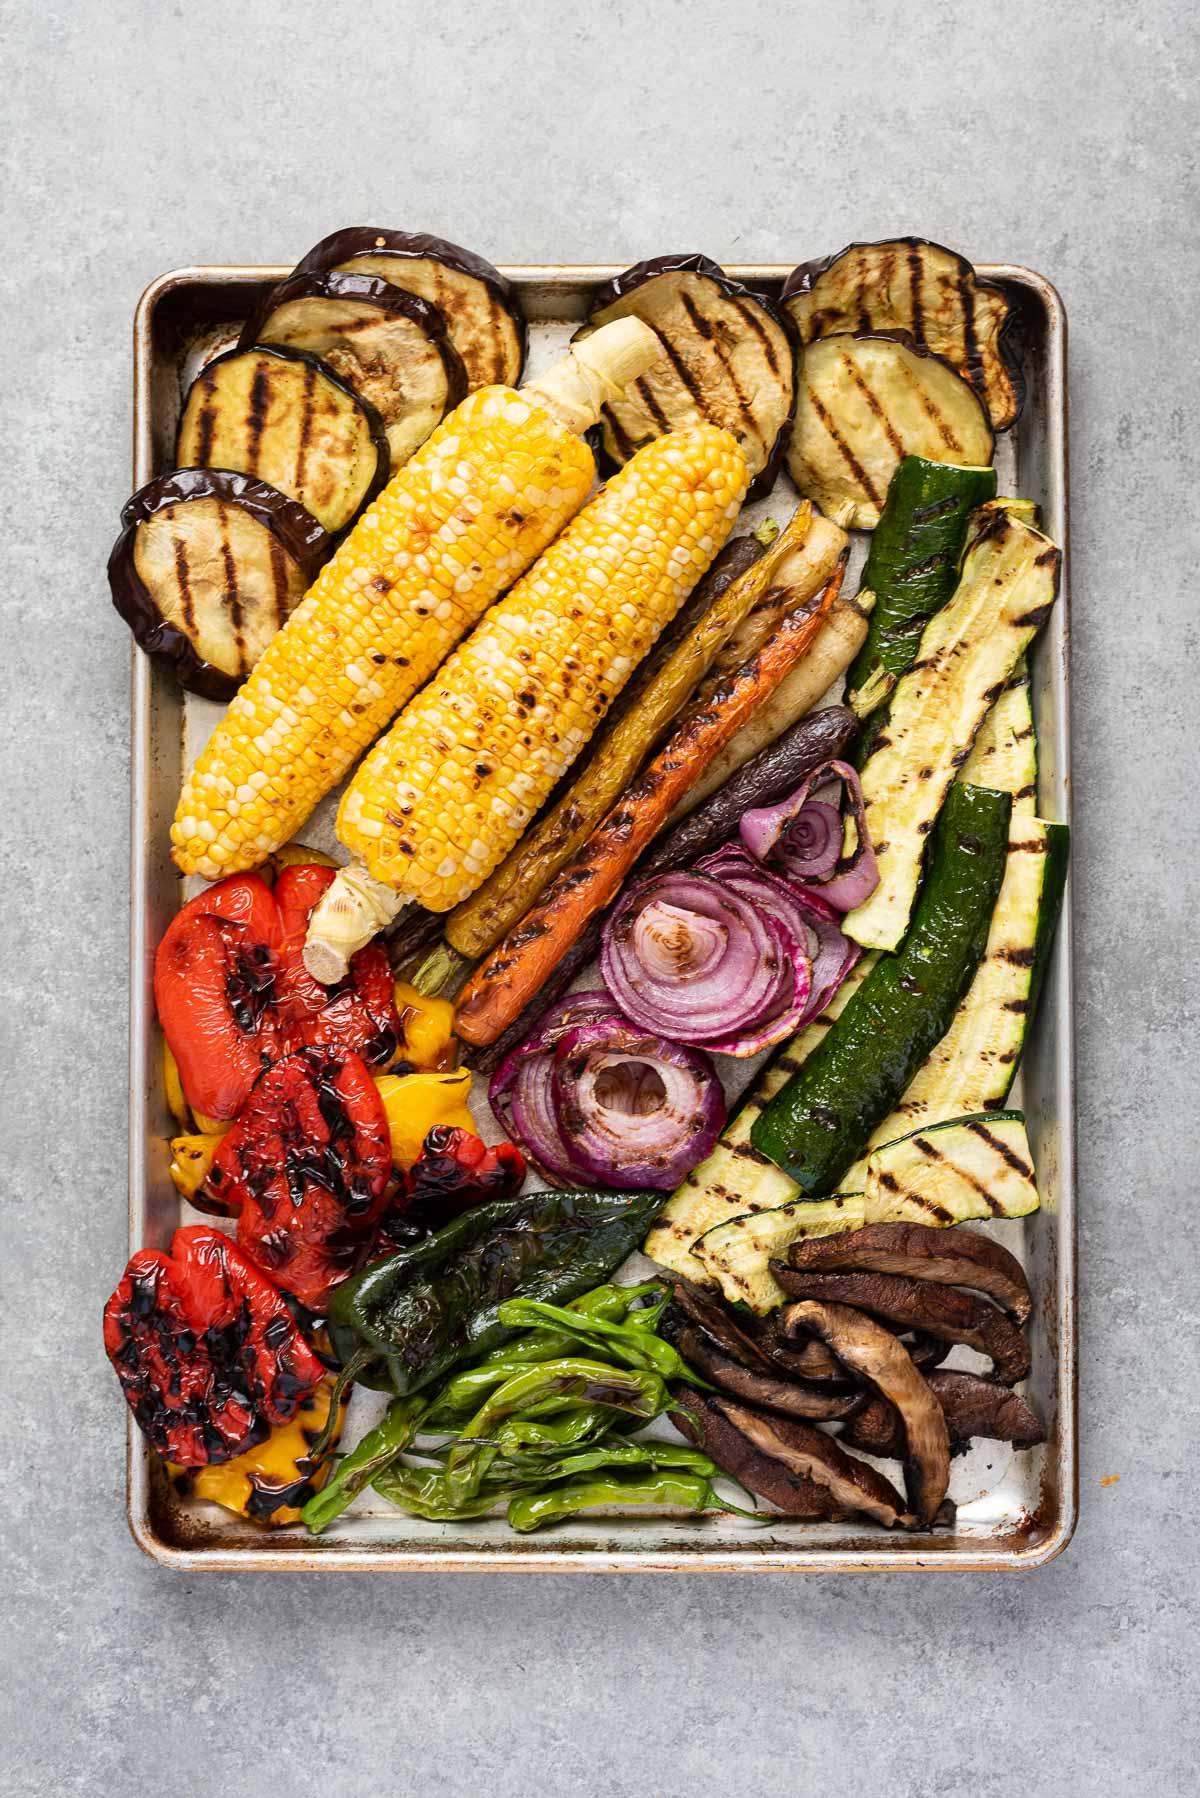 Rimmed baking sheet filled with grilled vegetables